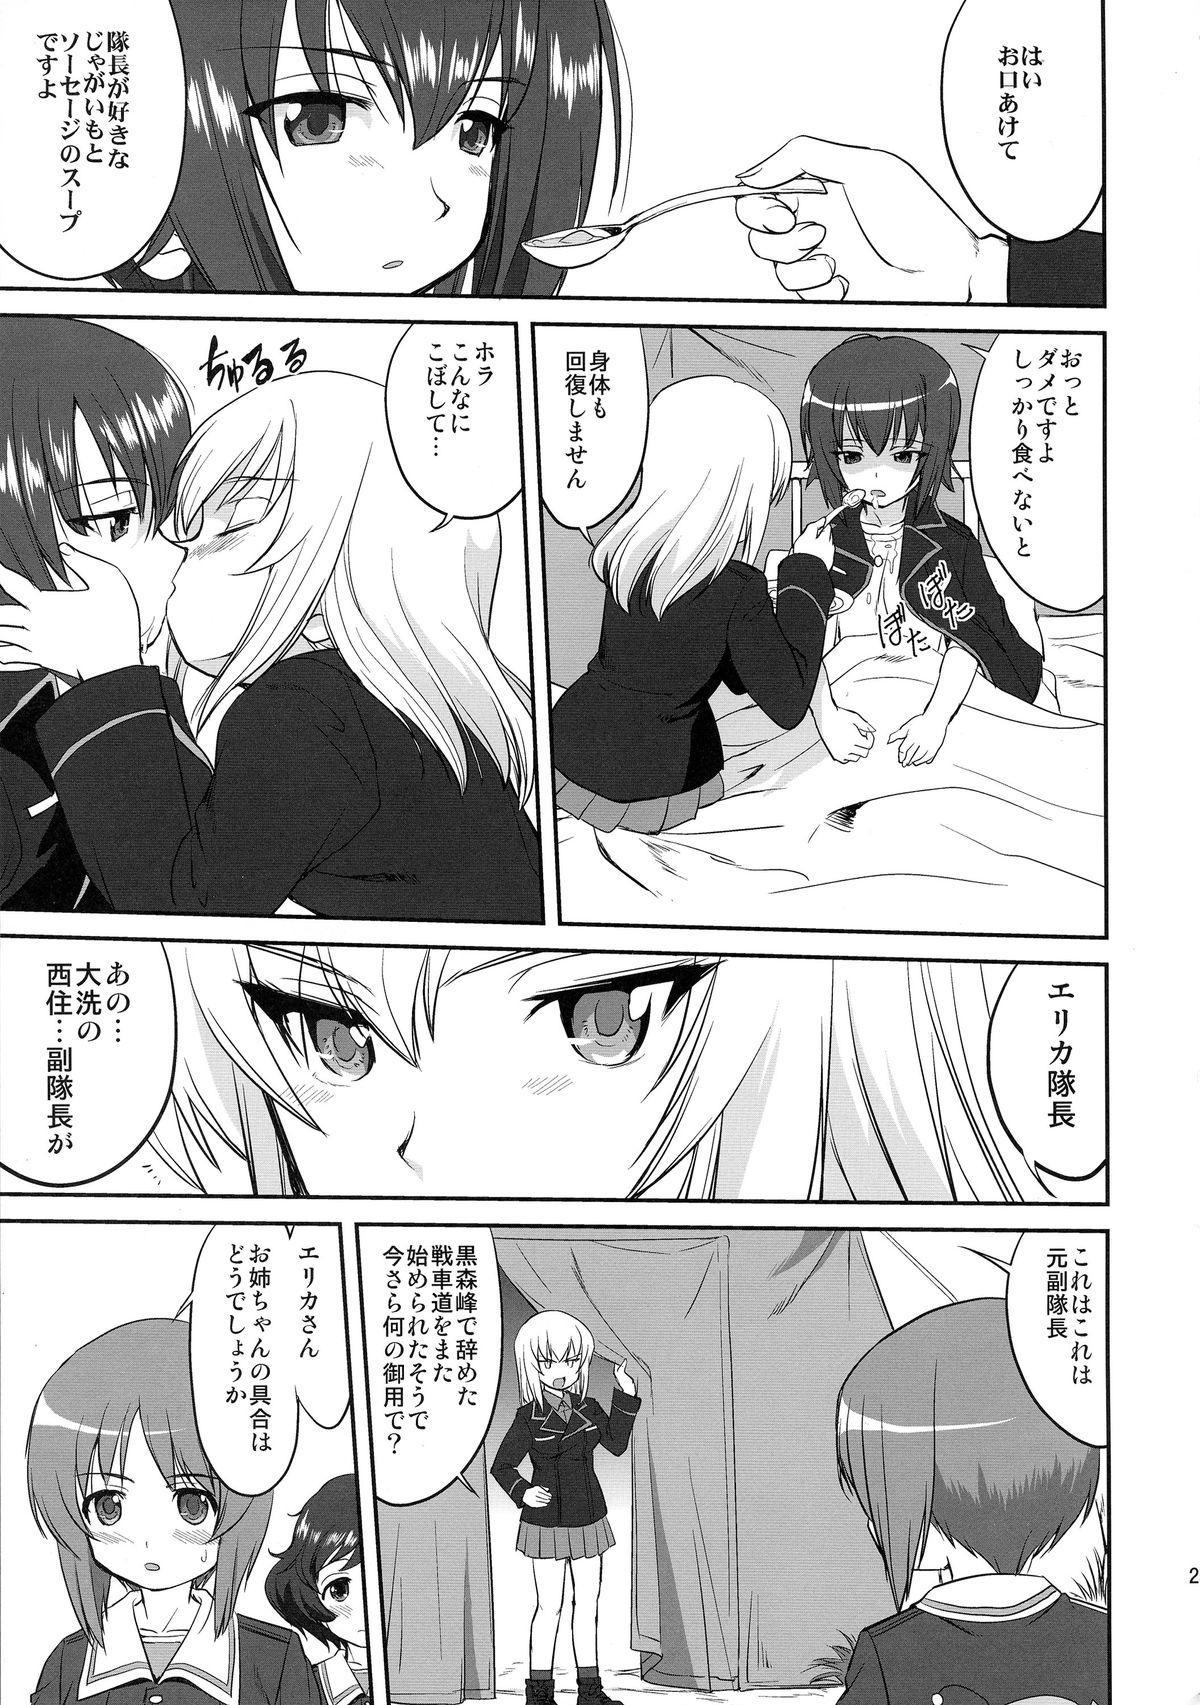 Yukiyukite Senshadou Battle of Pravda 24